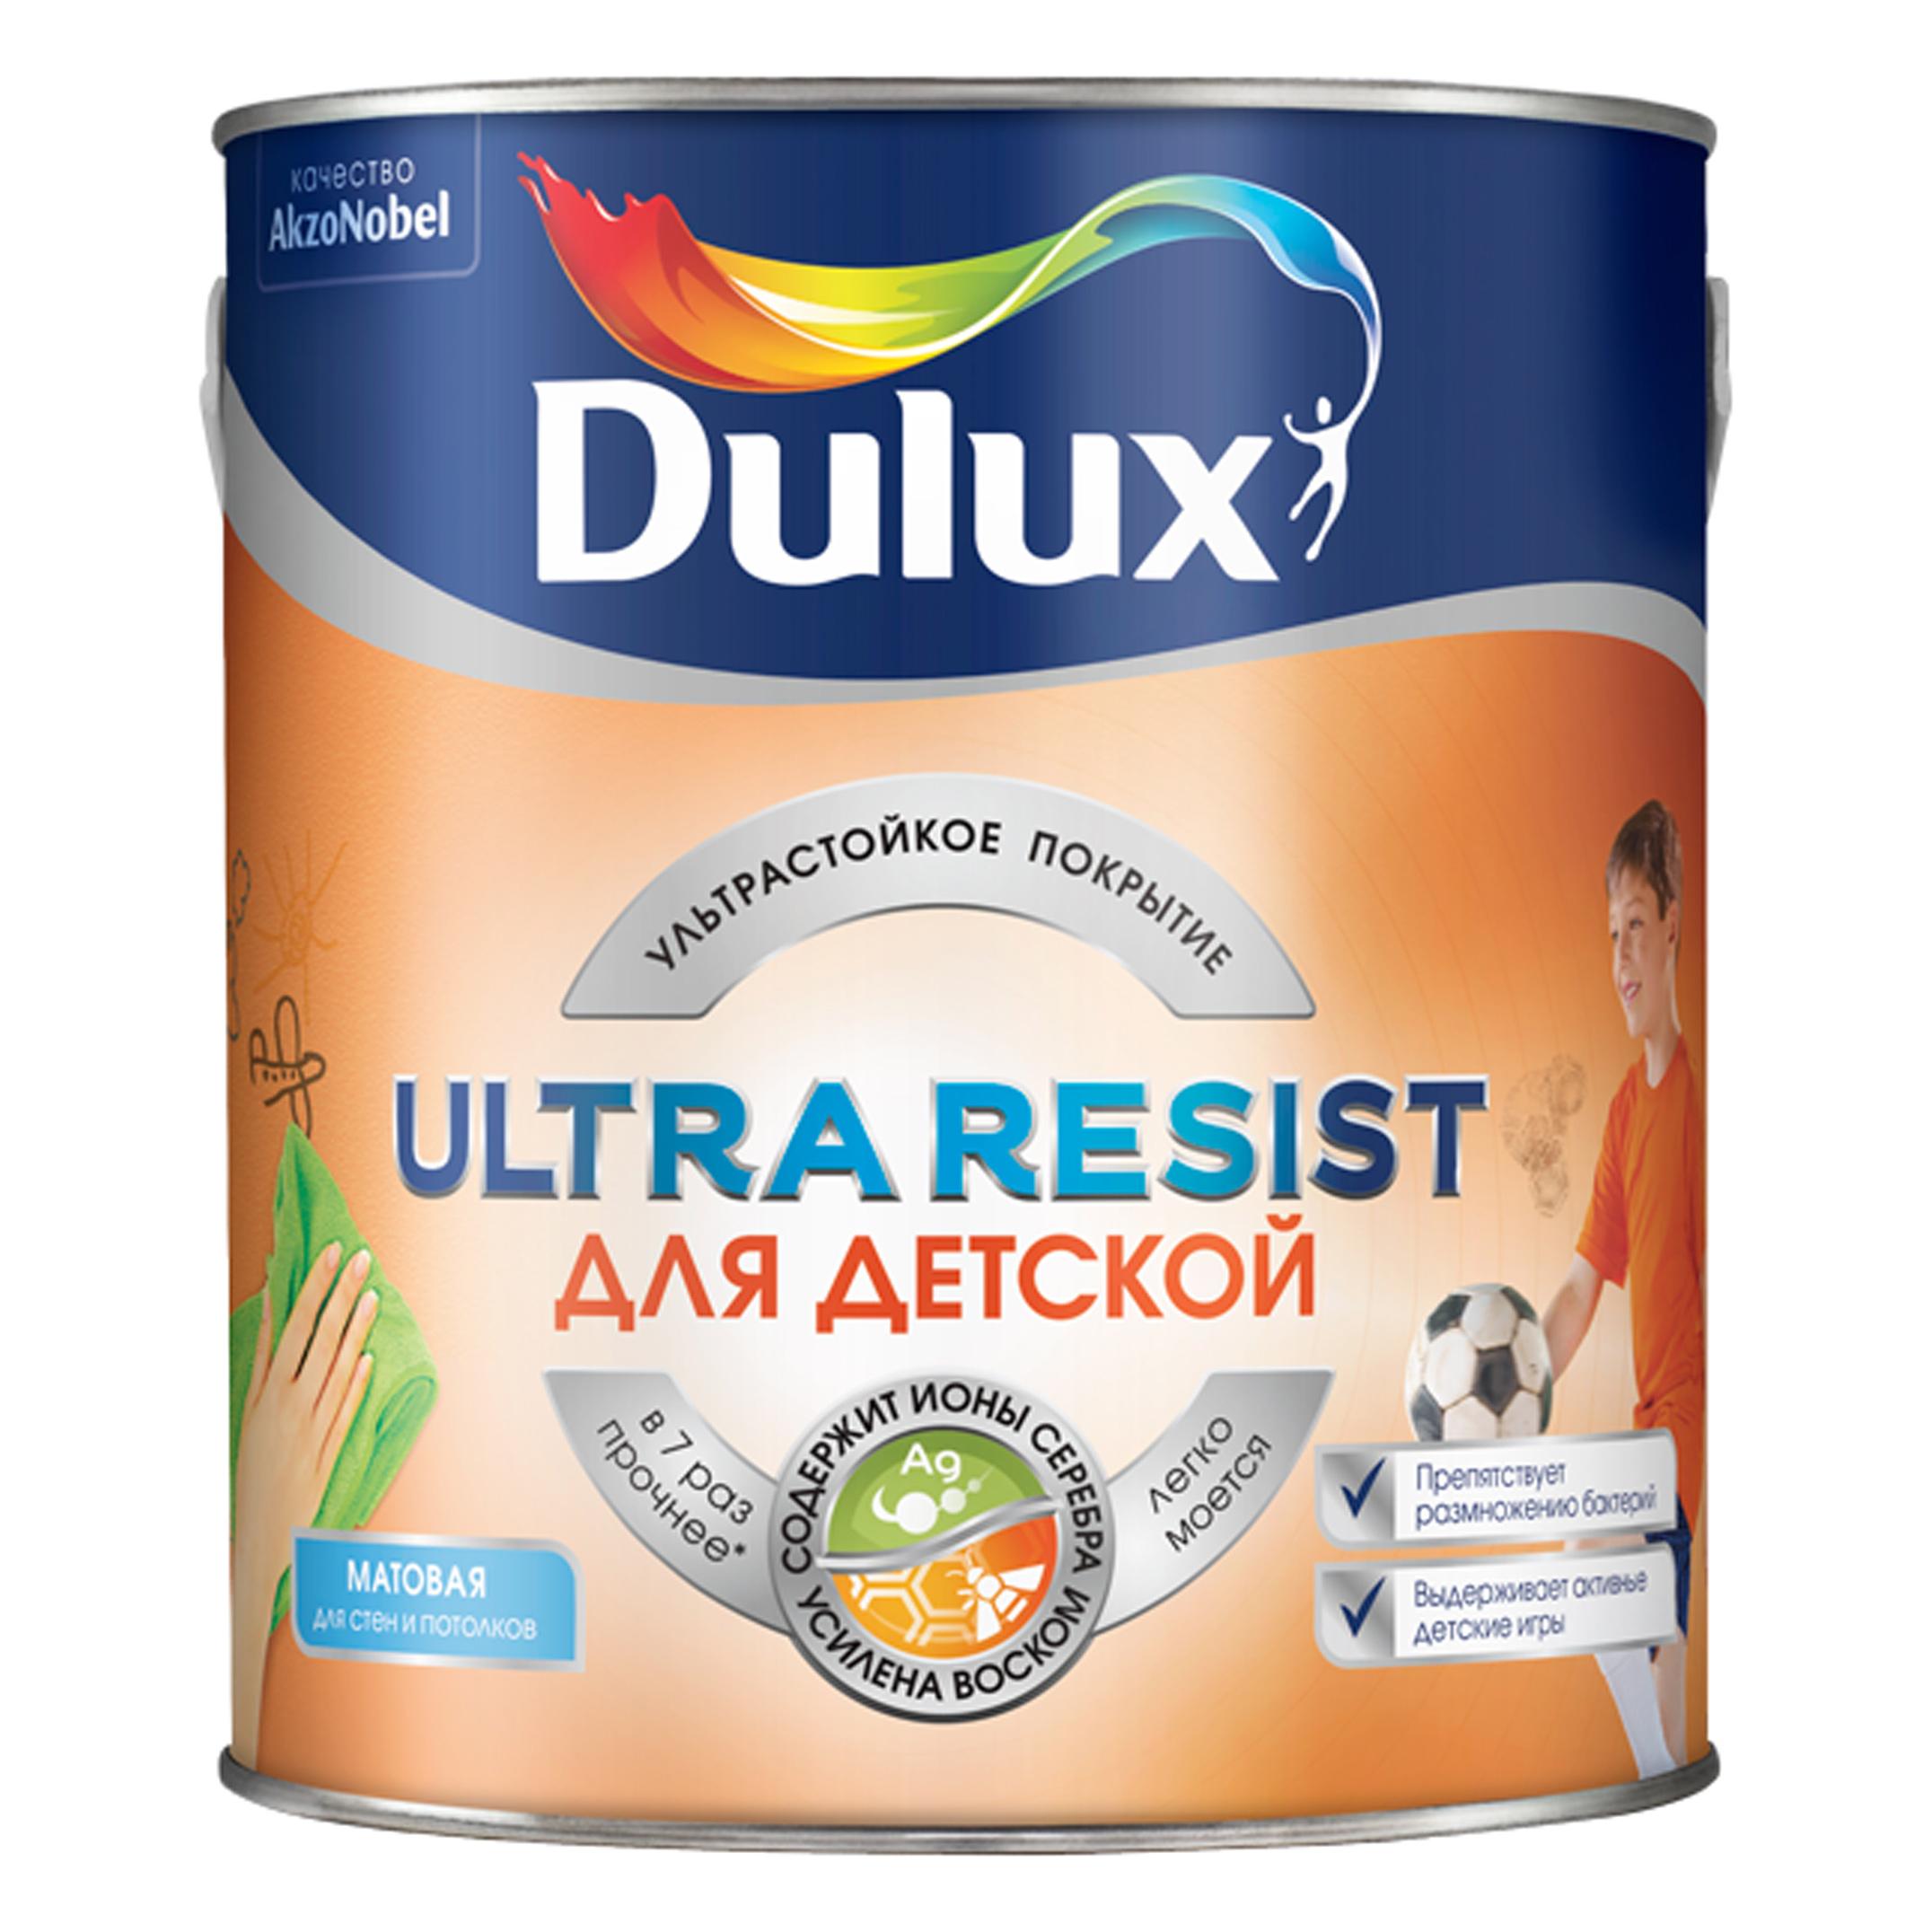 Краска Dulux Ultra Resist Для детской матовая BC краска dulux ultra resist гостиные и офисы матовая bc